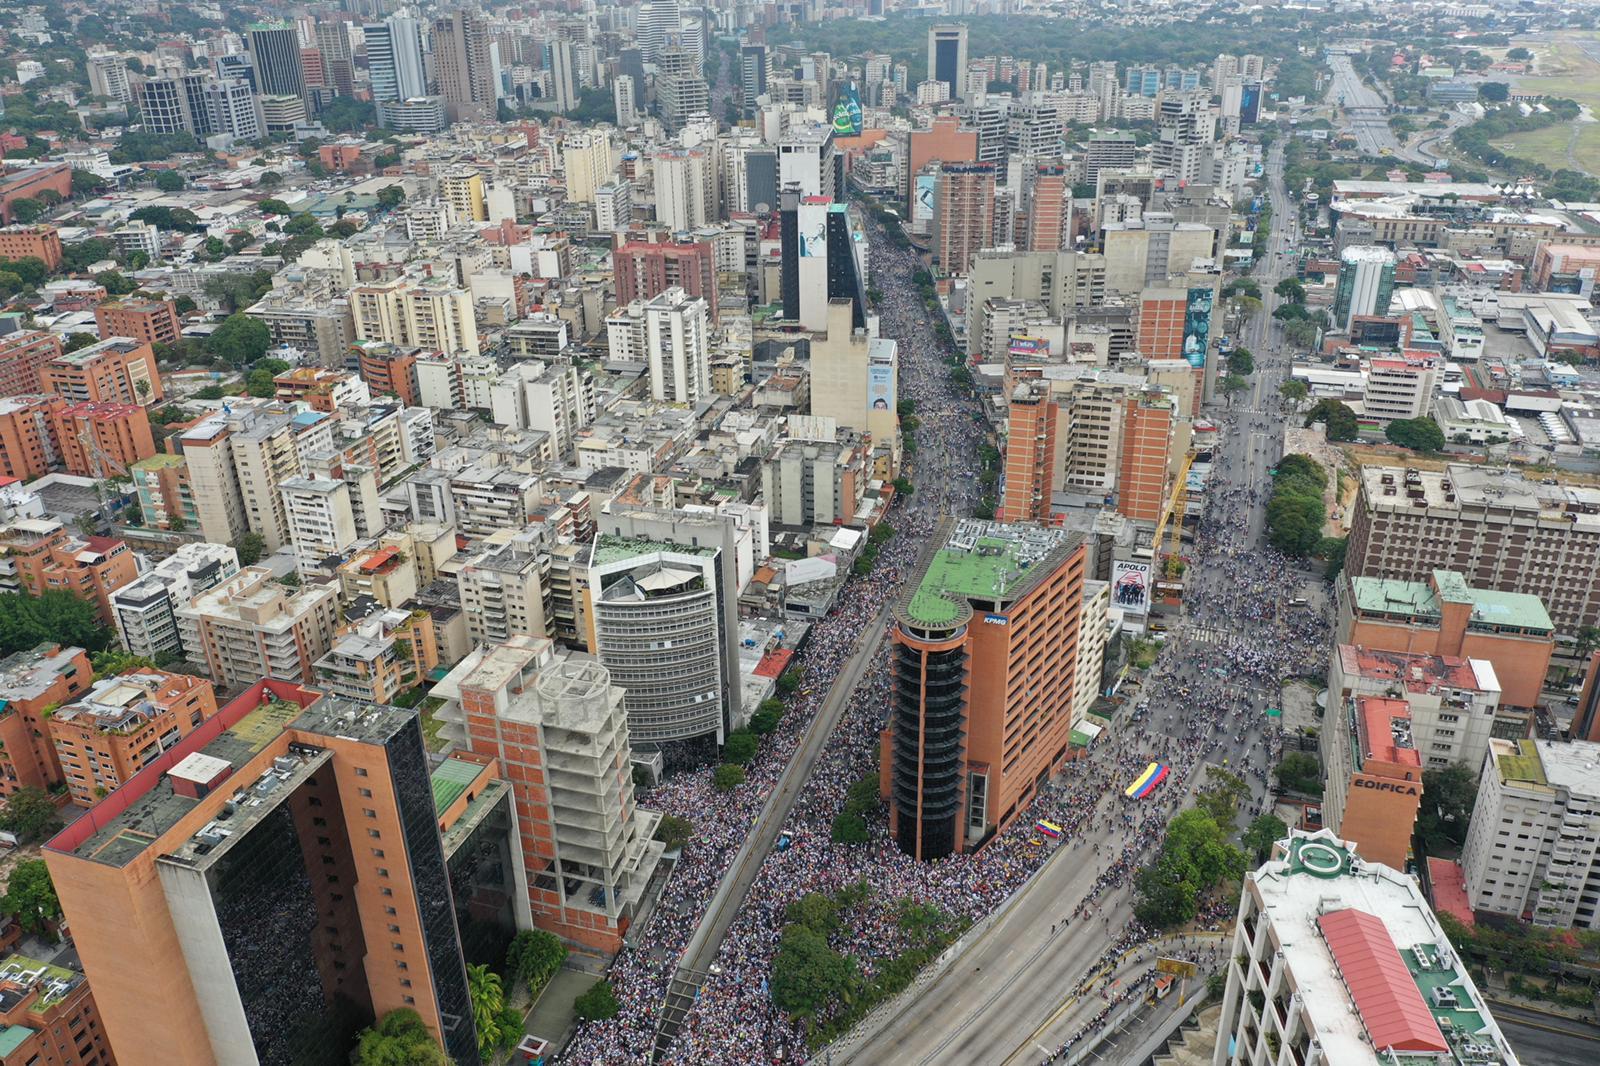 Un drone permite ver la magnitud de la participación de la marcha en la capital